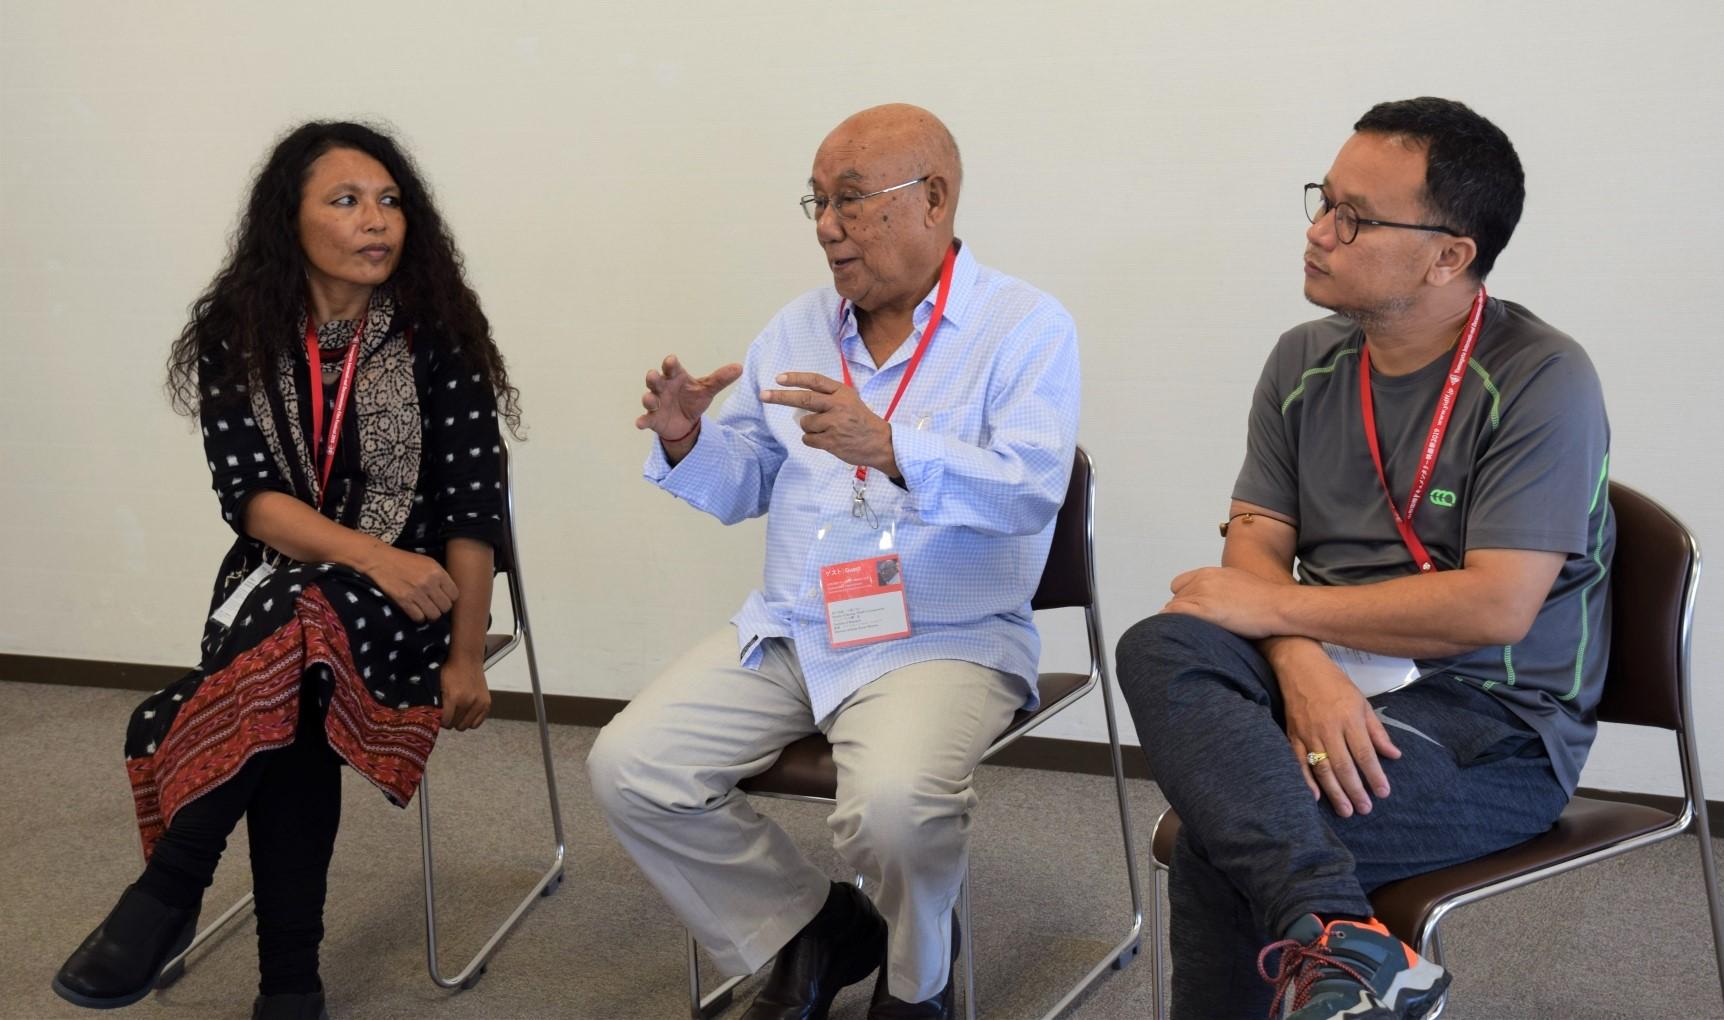 インド北東部出身のドキュメンタリー映像作家を迎えて<br>アリバム・シャム・シャルマ、ハオバム・パバン・クマール、ピンキー・ブラフマ・チョウドリーの3氏